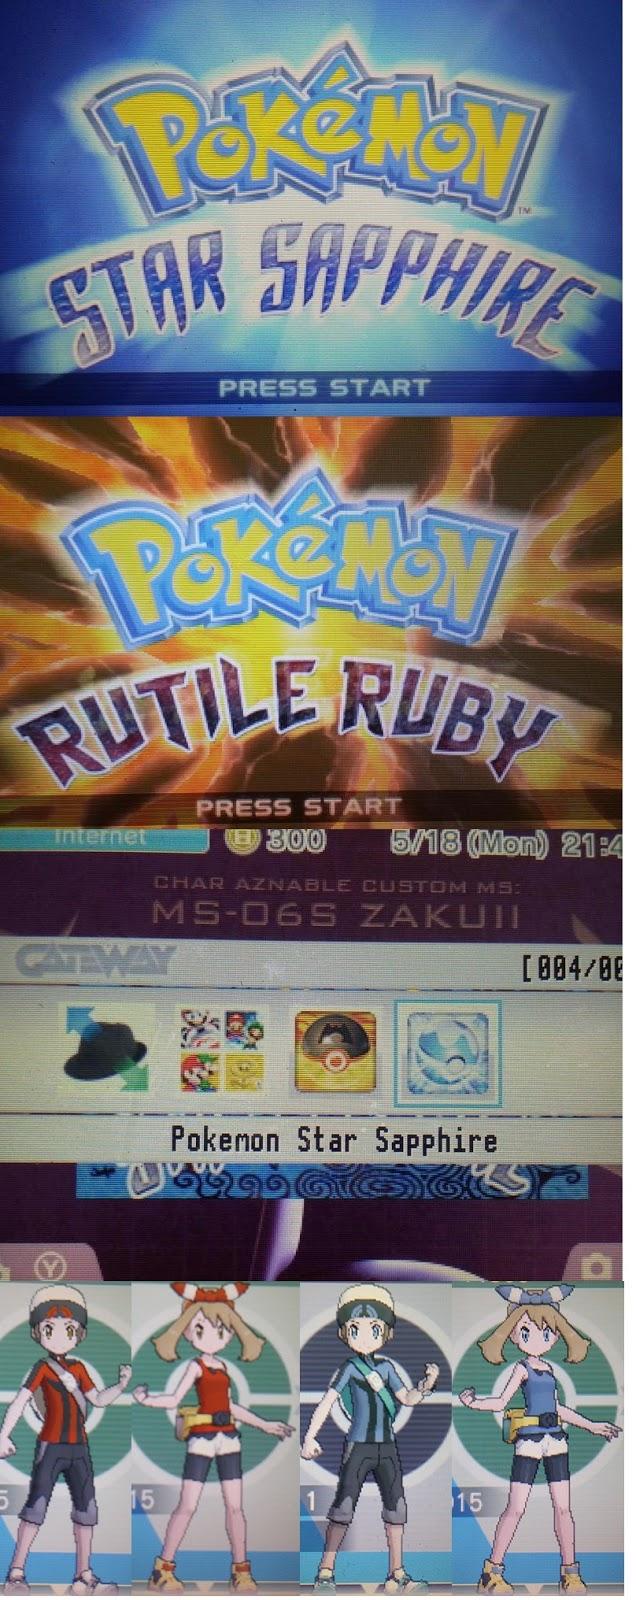 Pokemon Rutile Ruby & Star Sapphire